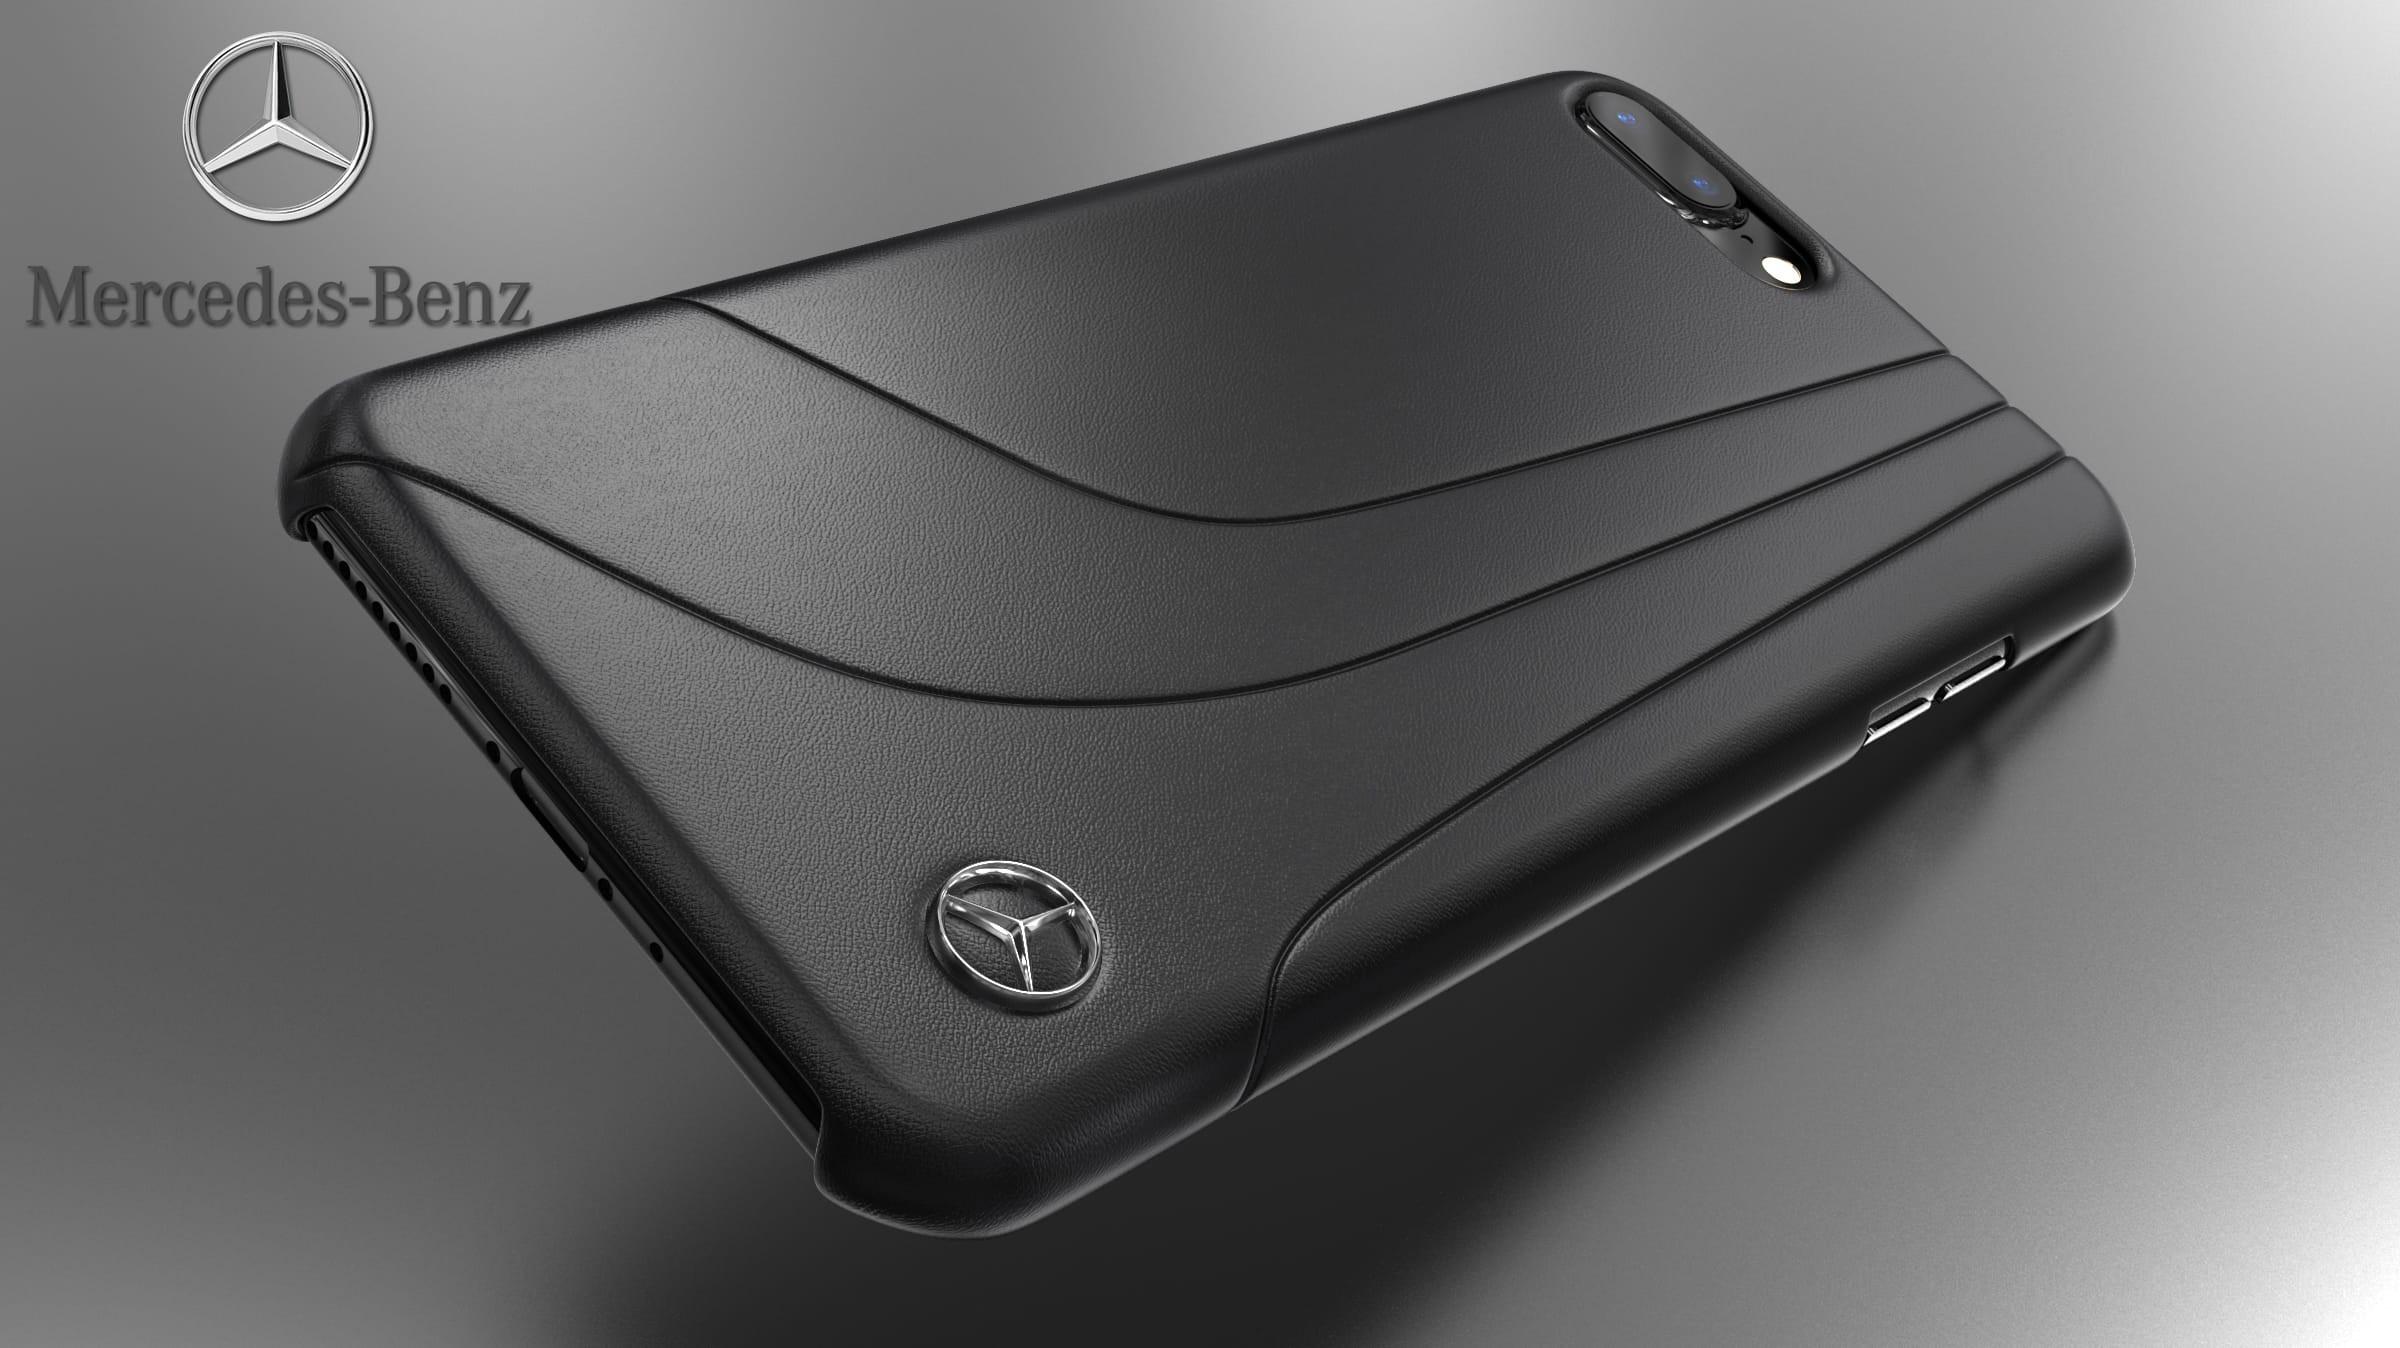 custodia iphone 7 plus mercedes